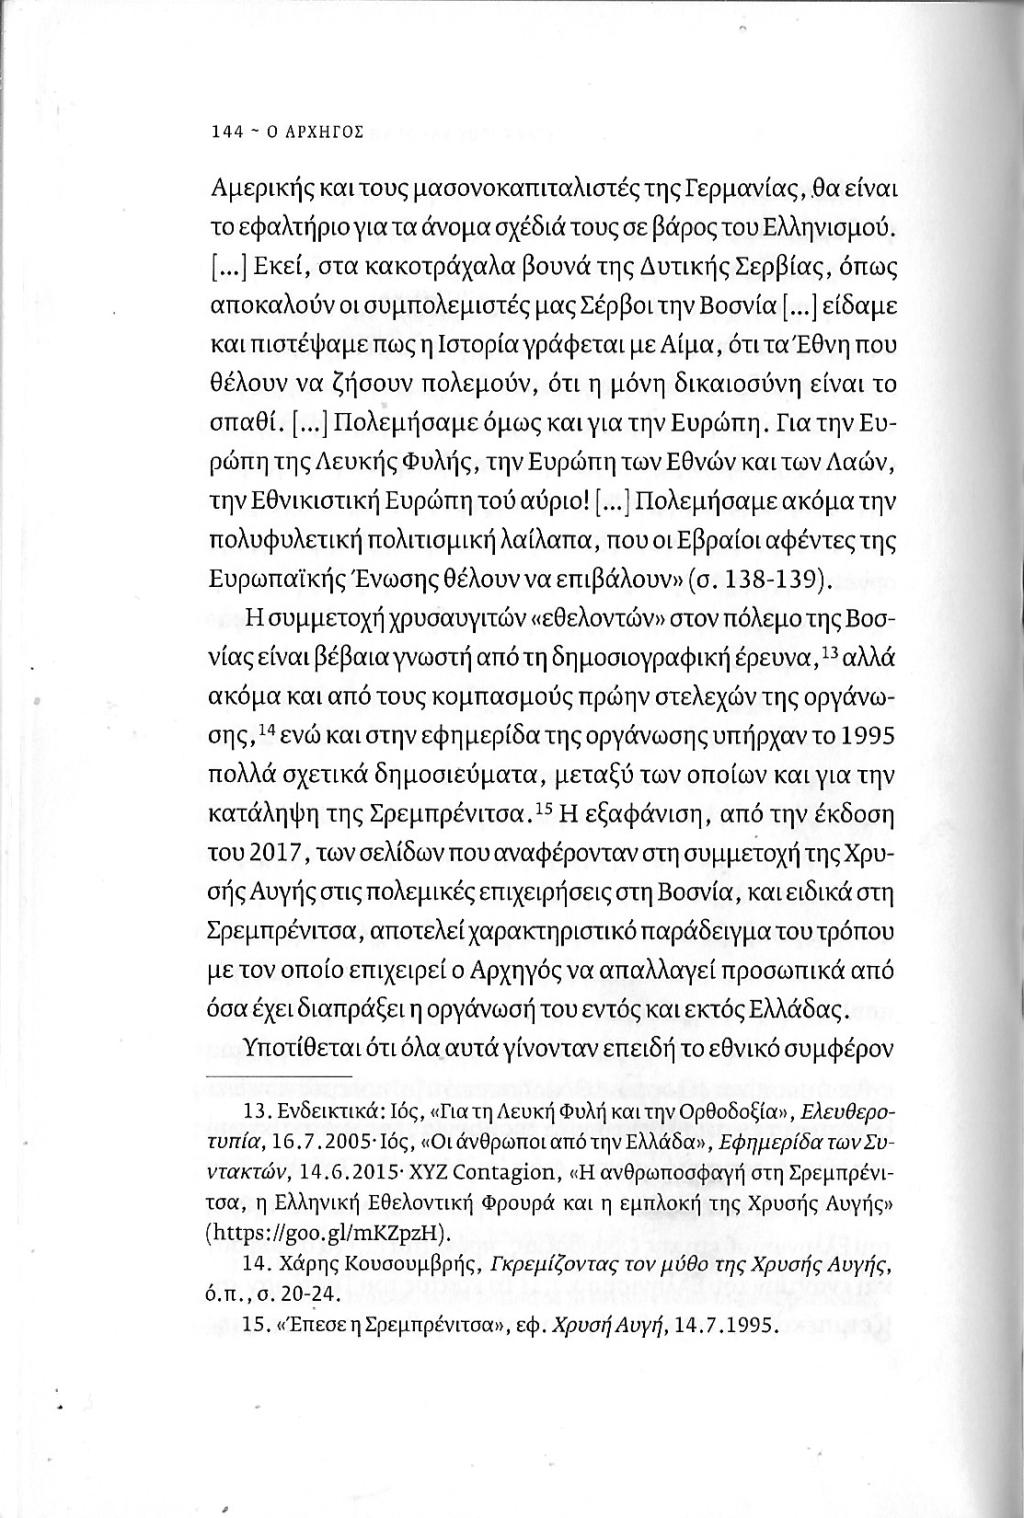 «Η συμμετοχή χρυσαυγιτών 'εθελοντών' στον πόλεμο της Βοσνίας είναι βέβαια γνωστή από την δημοσιογραφική έρευνα [...]». Από: Δημήτρης Ψαρράς: Ο Αρχηγός Το αίνιγμα του Νίκου Μιχαλολιάκου, Πόλις 2018, σελ .144.